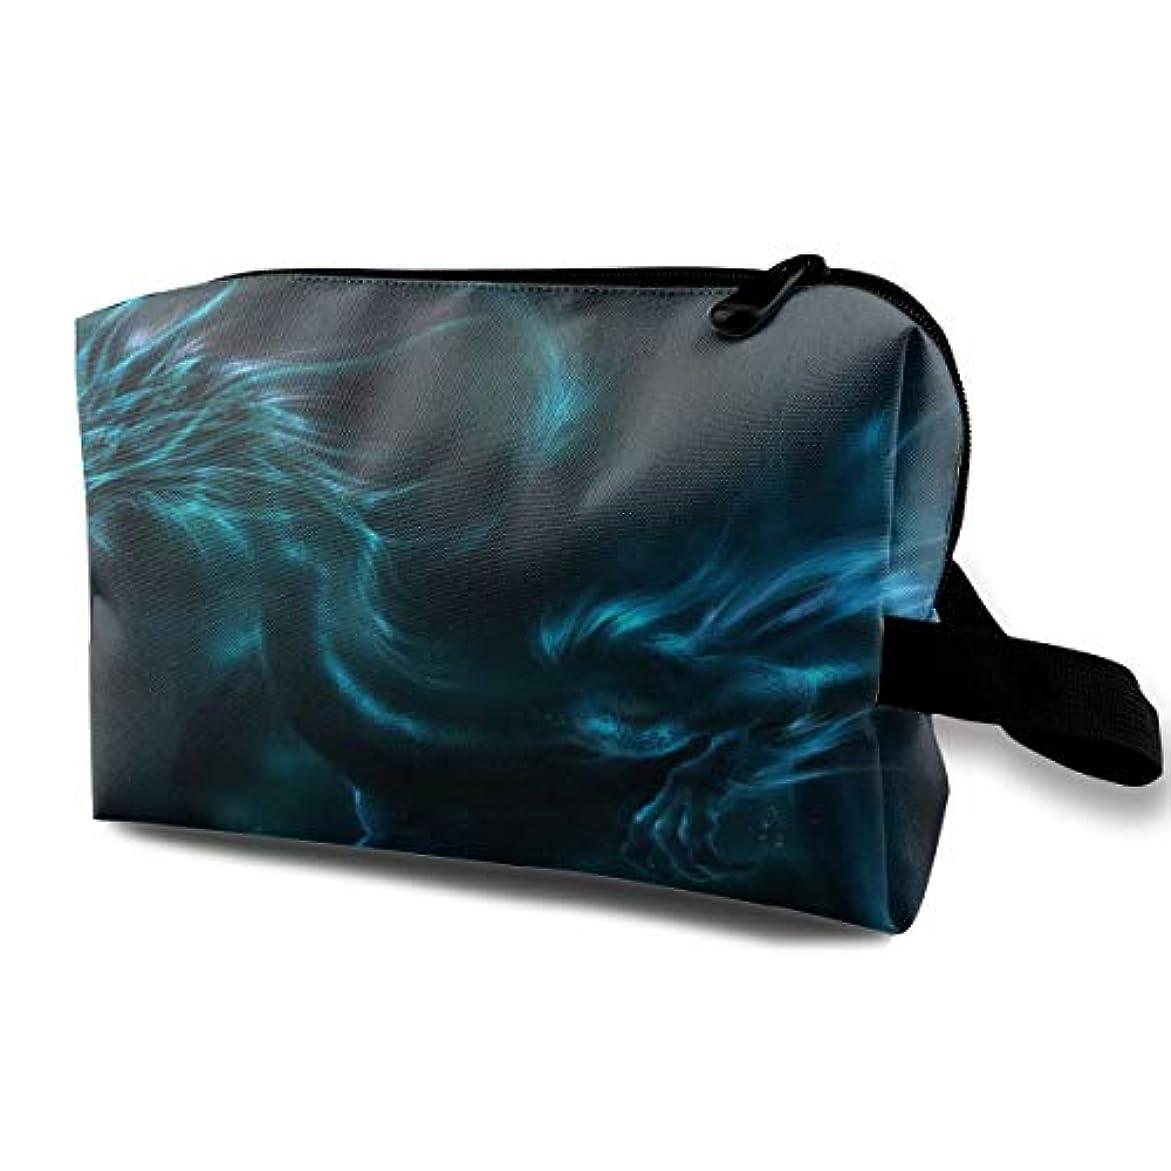 に話す活発モデレータCool Blue Dragon 収納ポーチ 化粧ポーチ 大容量 軽量 耐久性 ハンドル付持ち運び便利。入れ 自宅?出張?旅行?アウトドア撮影などに対応。メンズ レディース トラベルグッズ